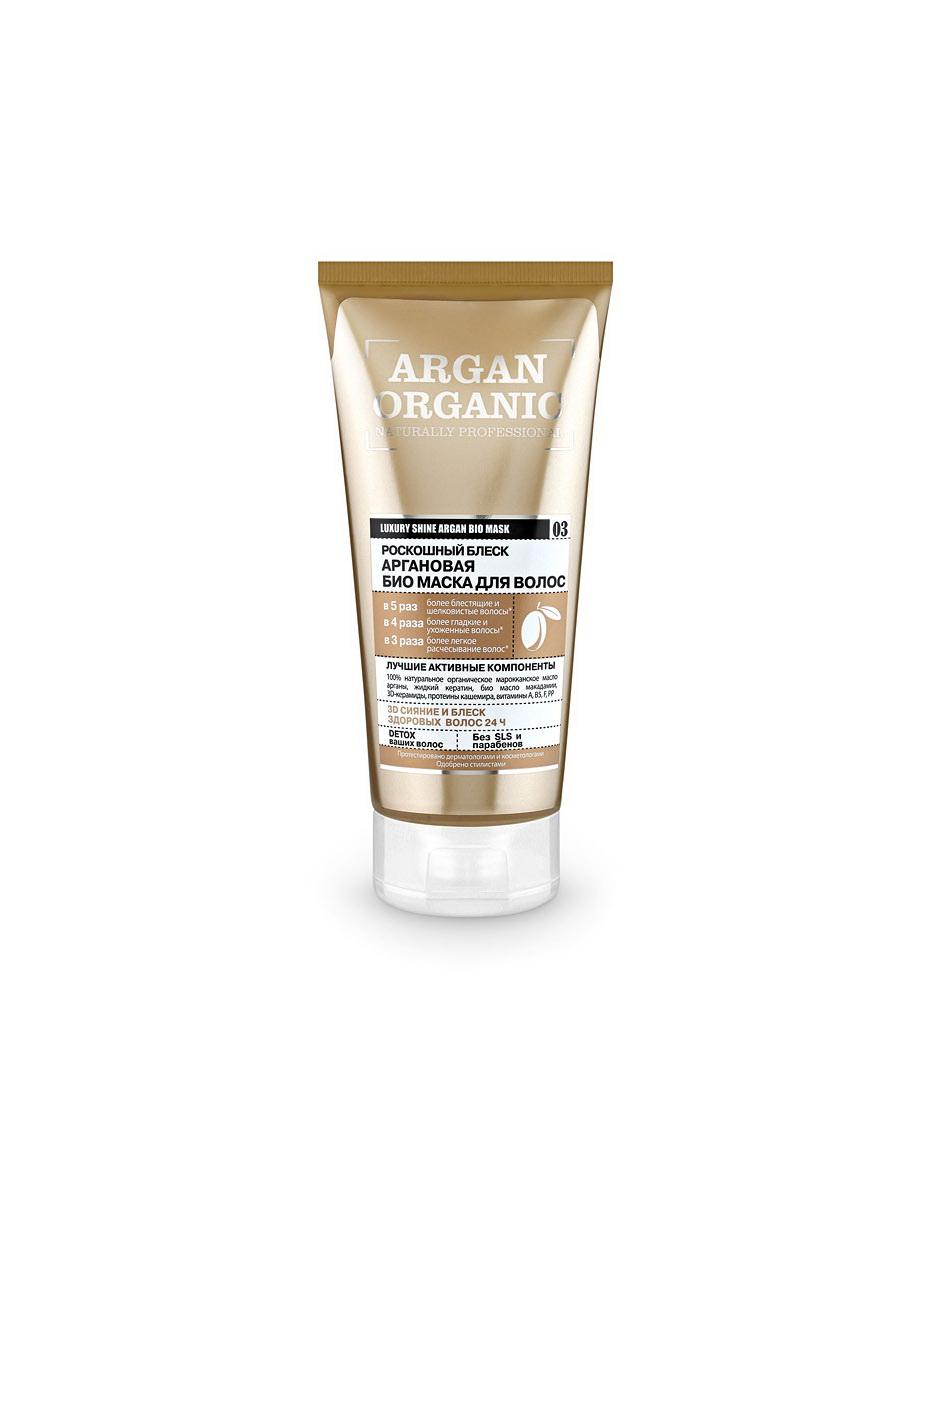 Оrganic Shop Naturally Professional Био-маска для волос Роскошный блеск, аргановая, 200 млFS-54114100% натуральное органическое марокканское масло арганы интенсивно питает и увлажняет волосы, придает им зеркальный блеск. Жидкий кератин залечивает поврежденную структуру волос и придает кристальное сияние. Био-масло макадамии облегчает расчесывание, делая волосы мягкими и послушными. 3D-керамиды проникают внутрь волоса, предотвращая ломкость и сечение, делают волосы эластичными и упругими. Протеины кашемира защищают и уплотняют волосы, позволяют удерживать влагу глубоко в структуре волос. Товар сертифицирован.